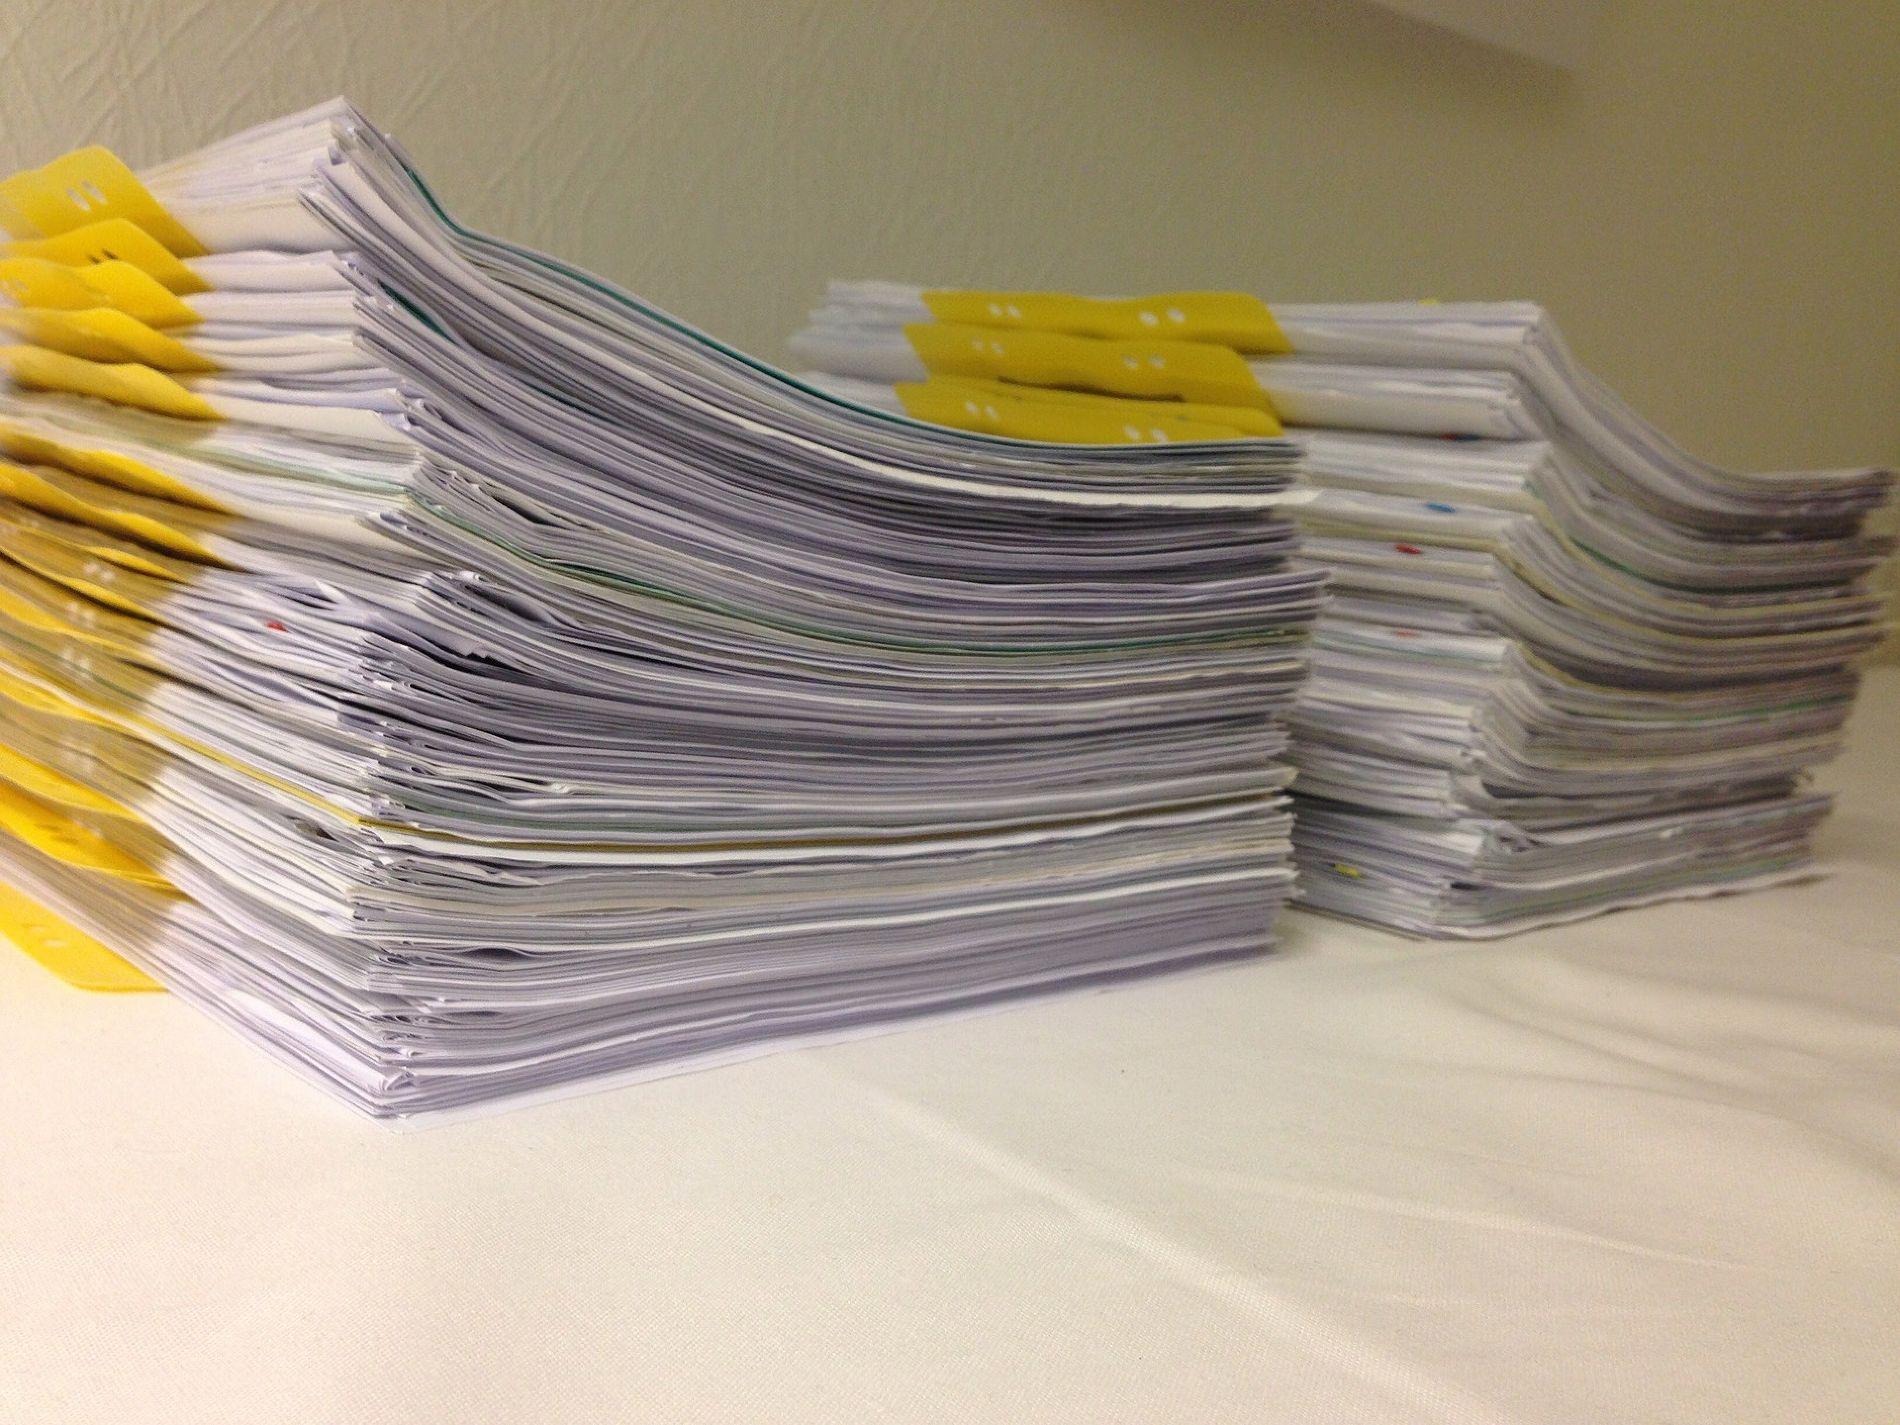 ВКраснодаре начался прием документов претендентов надолжность мэра города